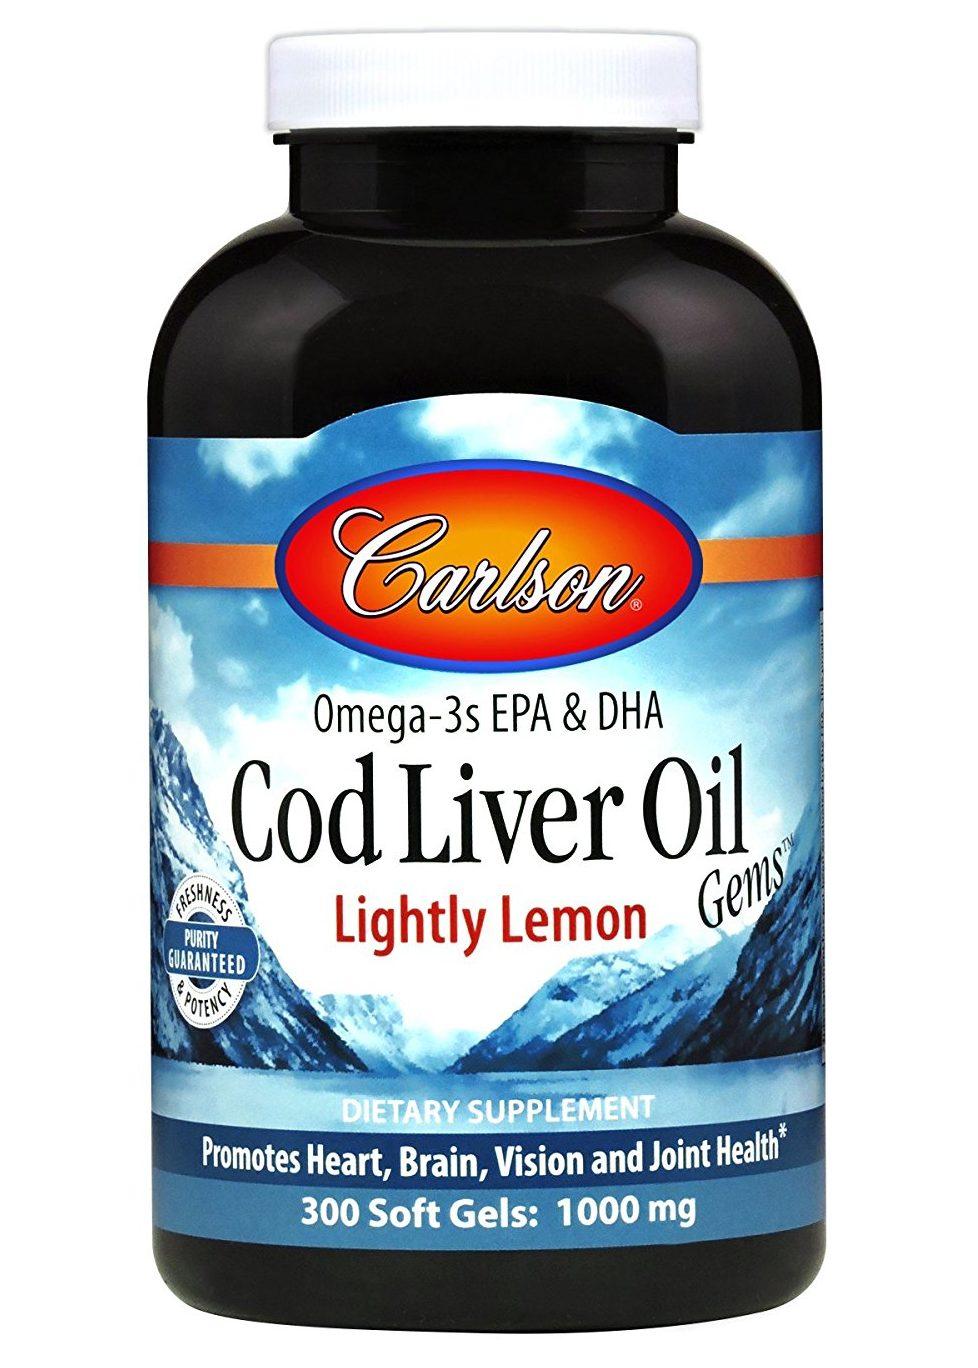 Krill oil vs cod liver oil a complete comparison guide for Cod liver oil vs fish oil